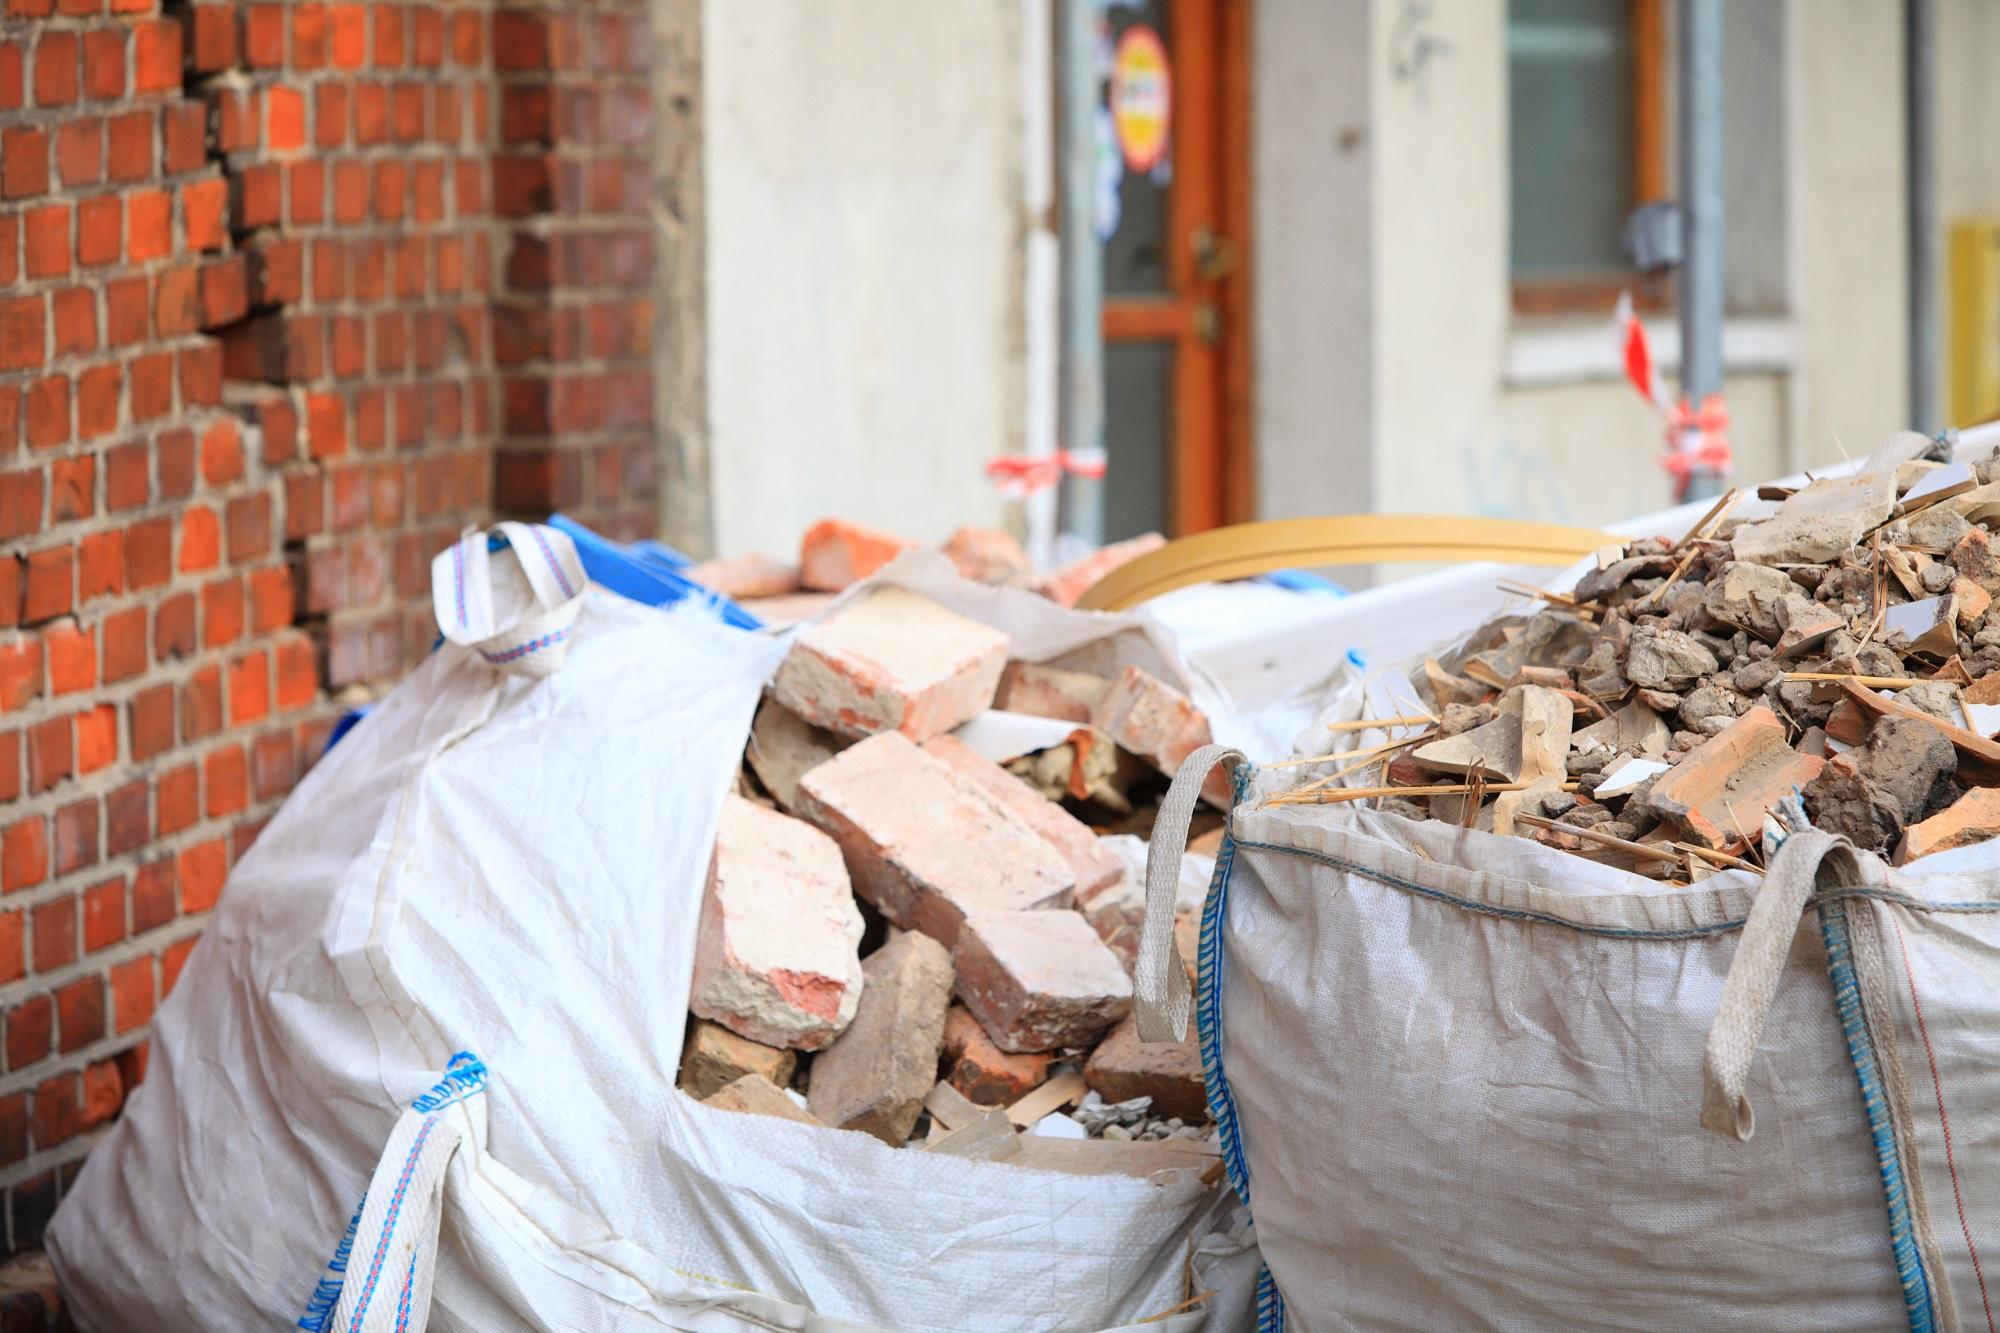 куда выбрасывать строительный мусор при ремонте